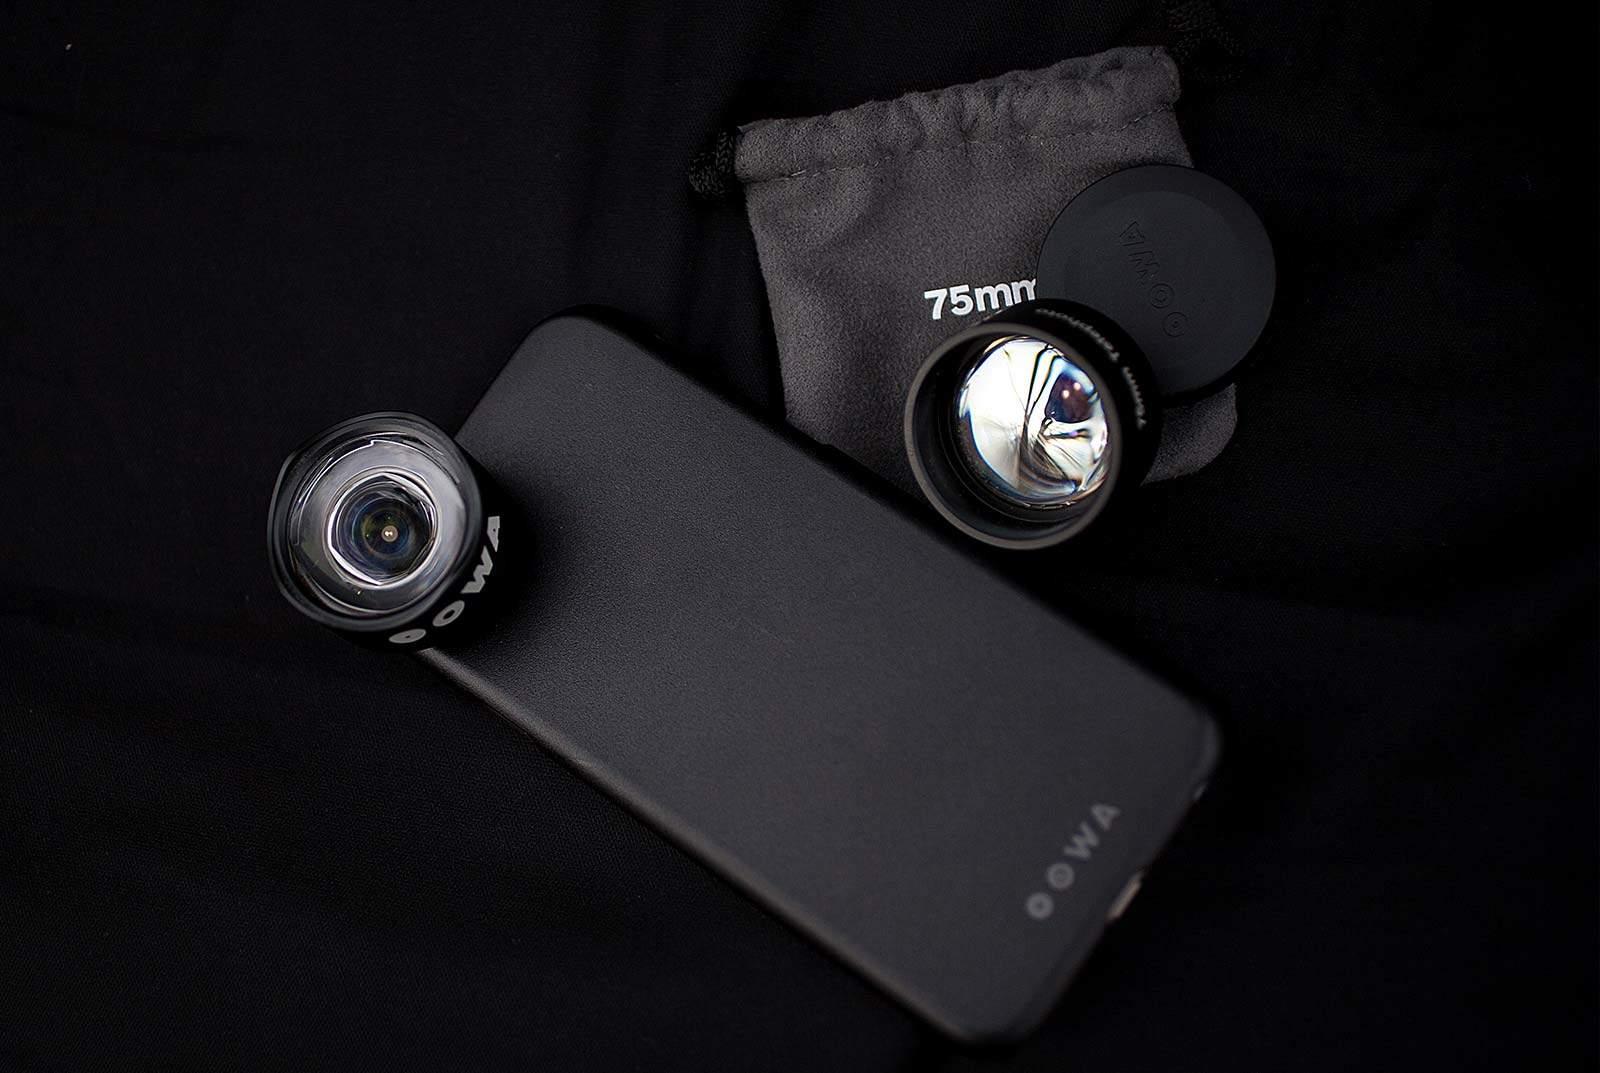 iPhone lenses